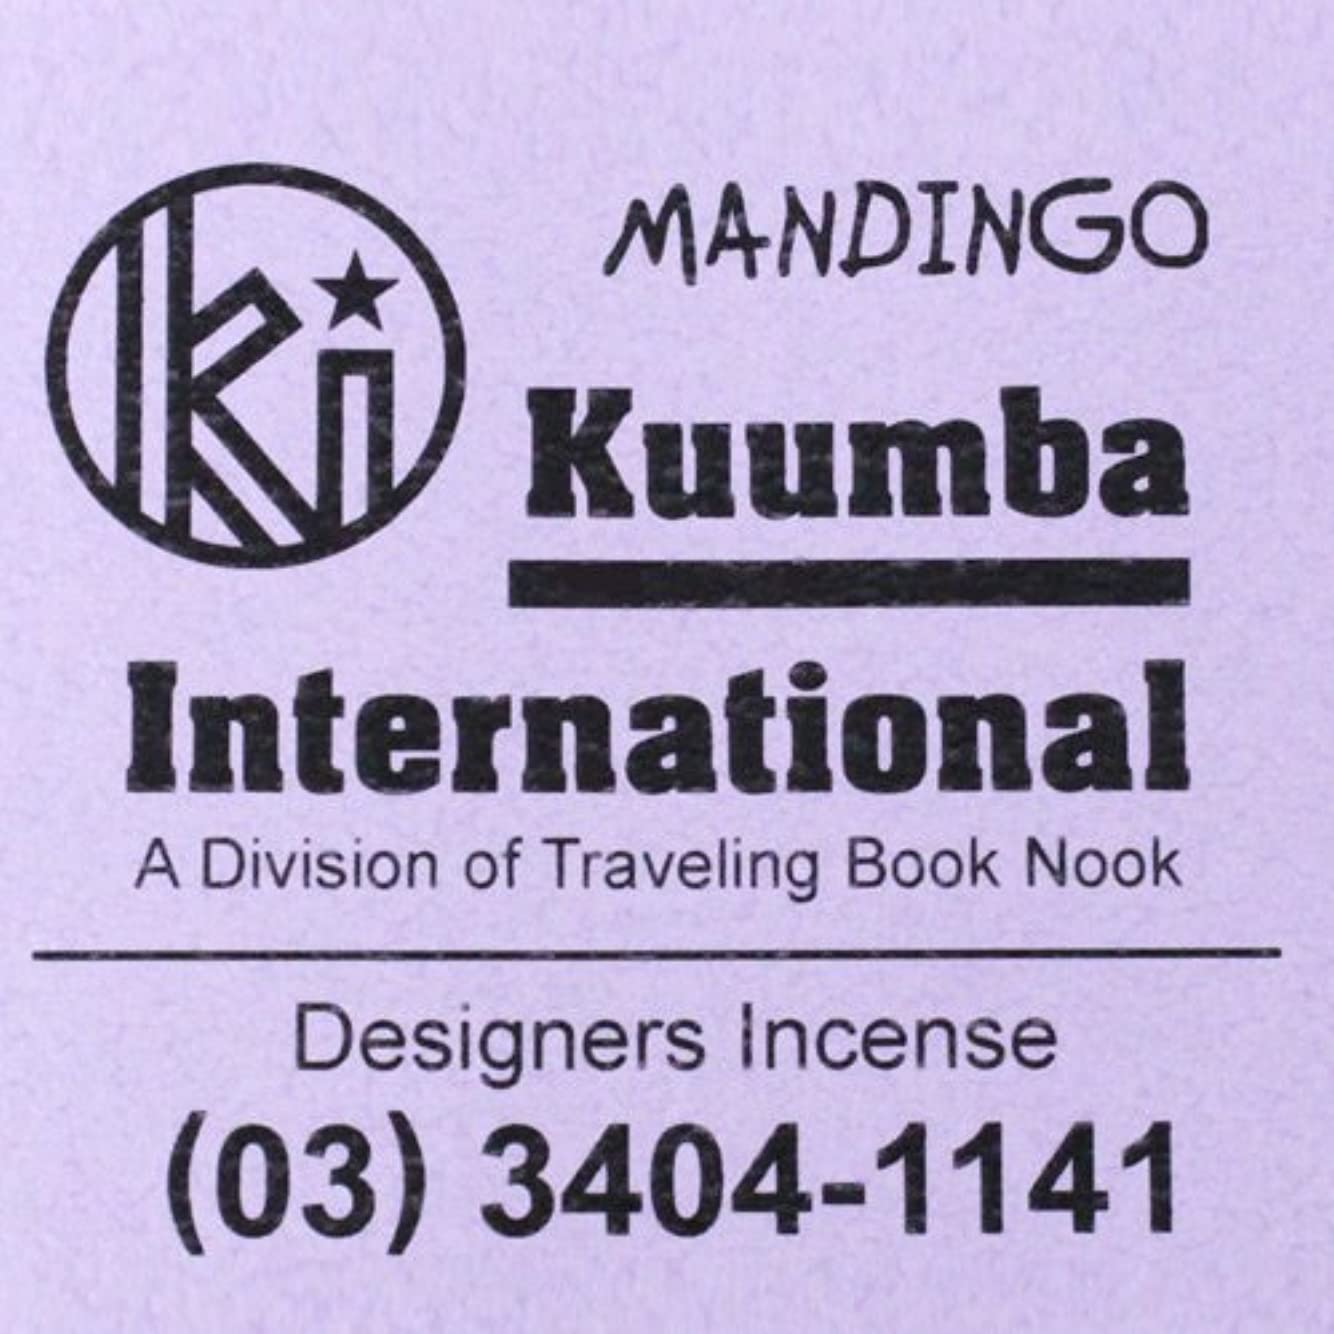 現像提供個性(クンバ) KUUMBA『incense』(MANDINGO) (Regular size)